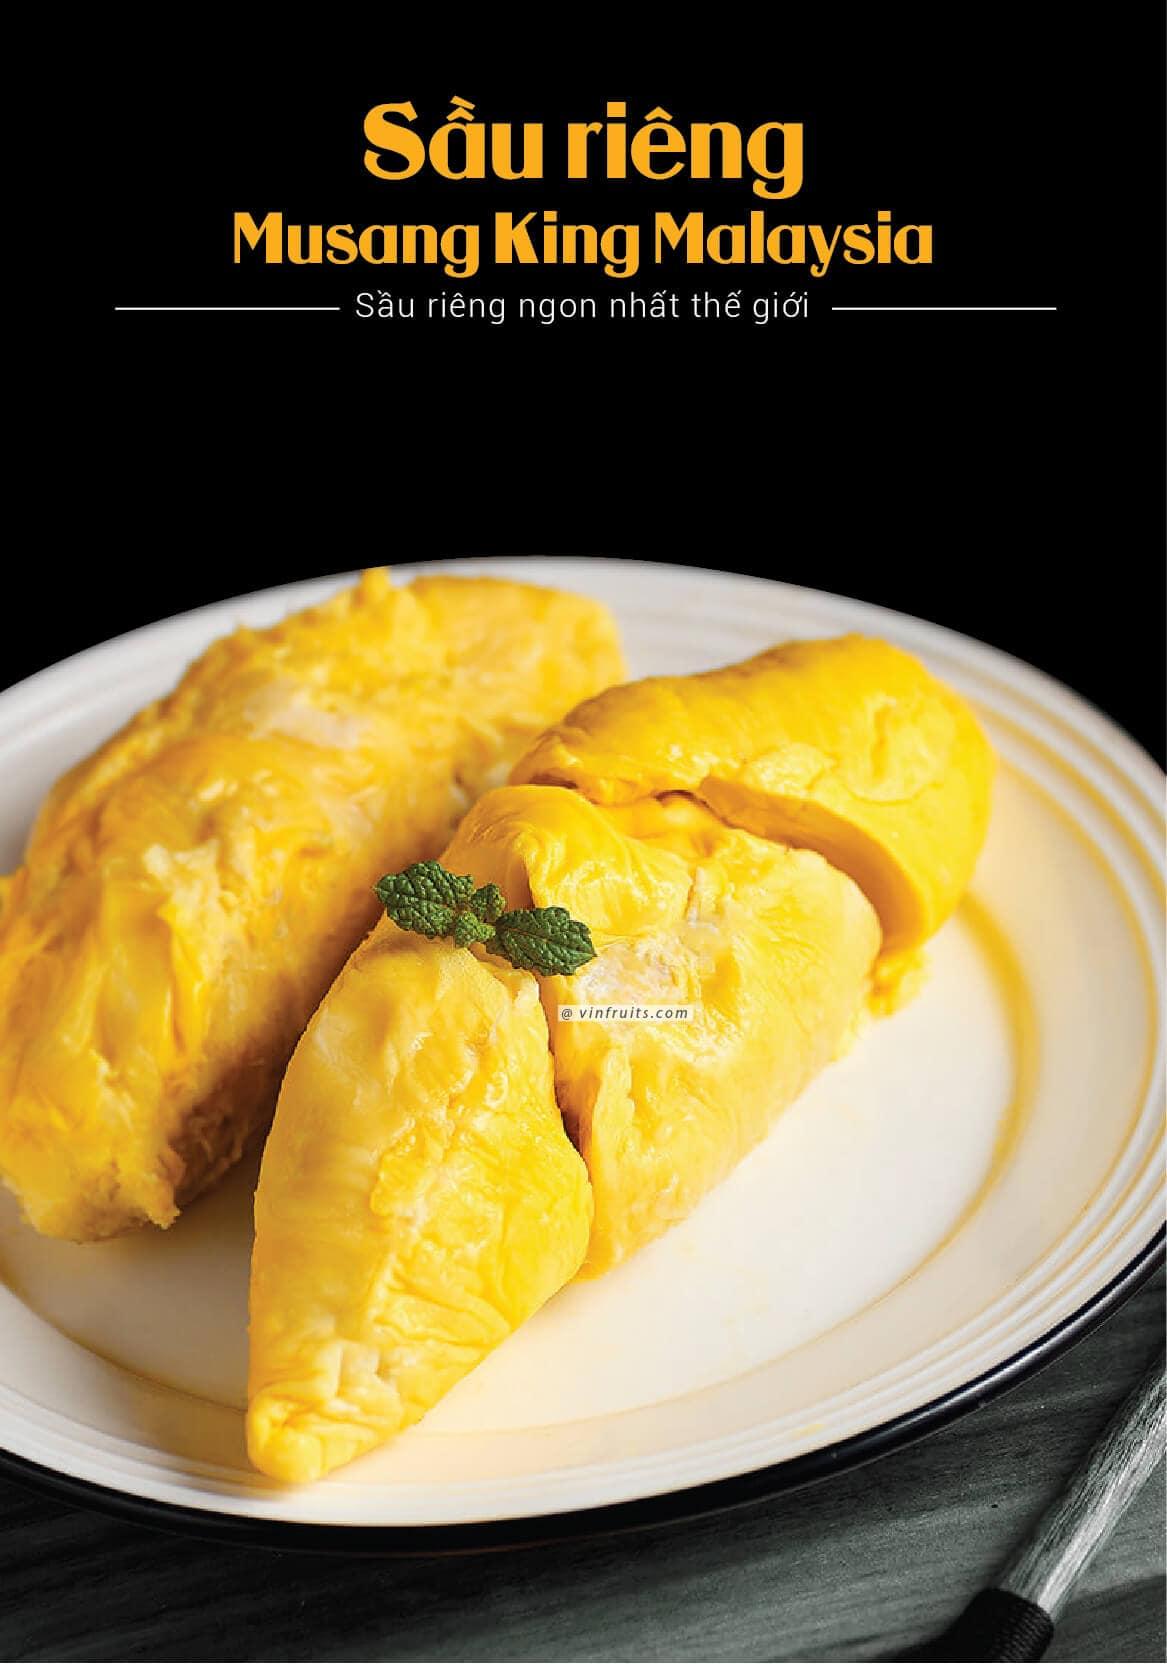 Sau rieng Musang King - vua cua cac loai sau rieng - vinfruits